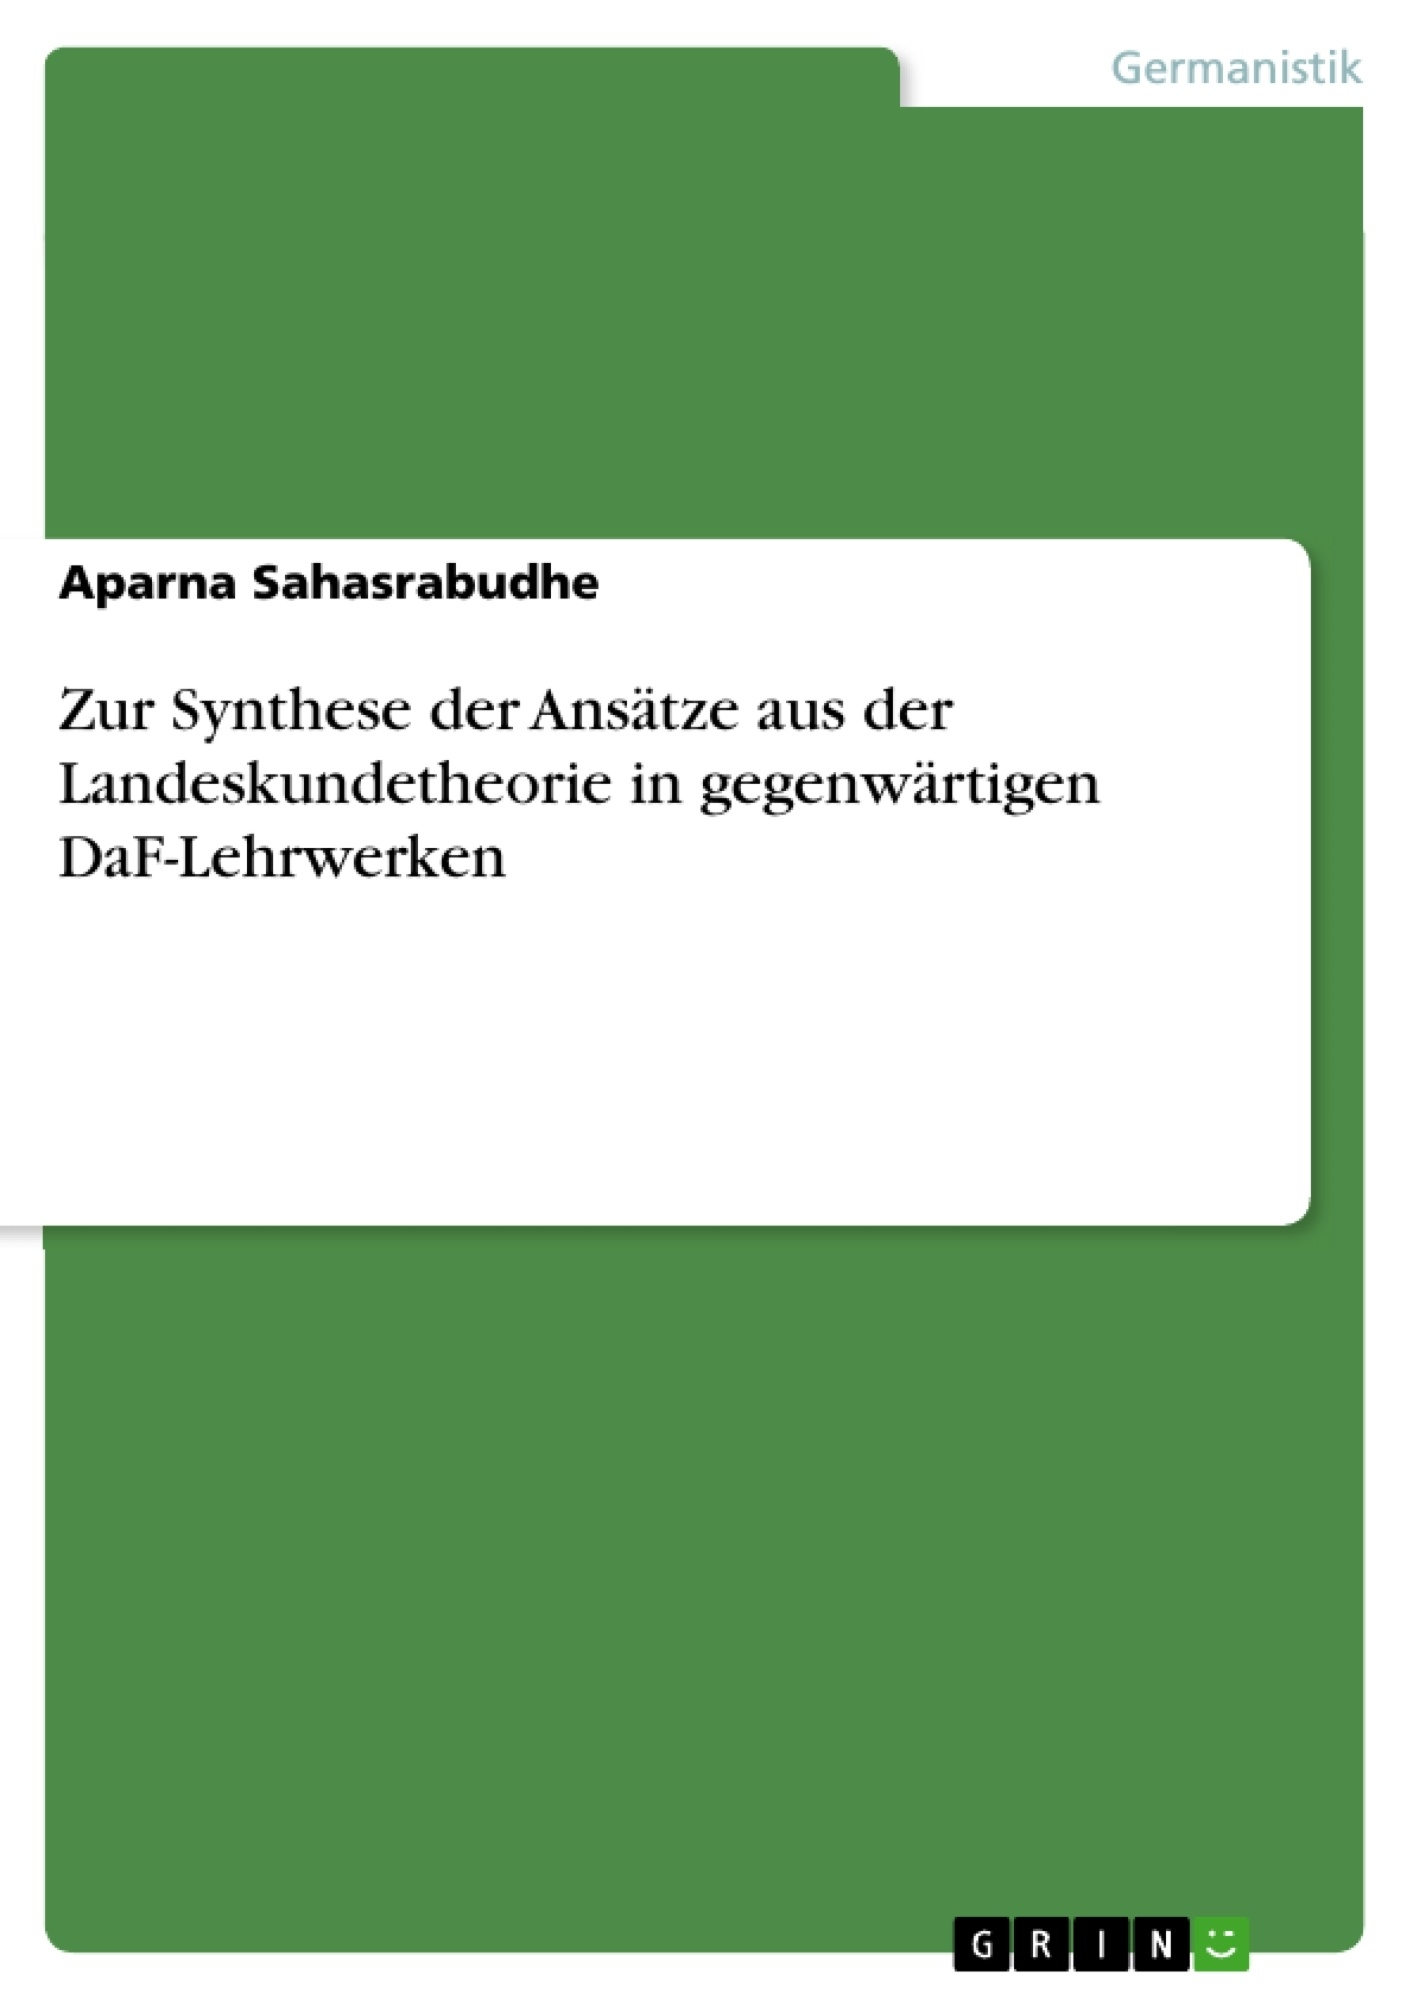 Titel: Zur Synthese der Ansätze aus der Landeskundetheorie in gegenwärtigen DaF-Lehrwerken